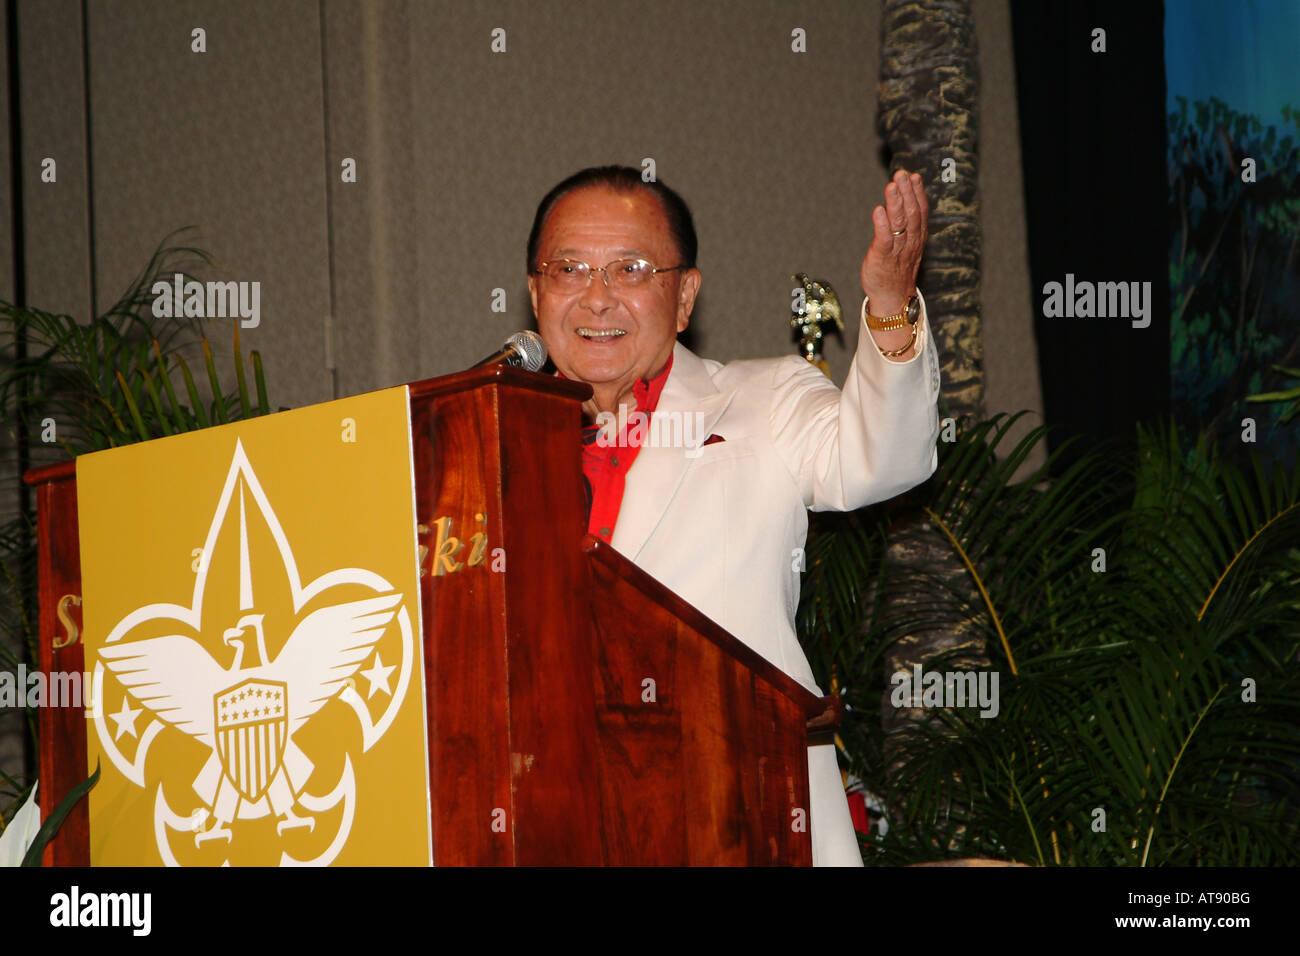 El Senador Daniel Inouye dando una charla a los Boy Scouts Aloha consejo ciudadano distingue ceremonia de entrega de premios. El senador Inouye ha Foto de stock